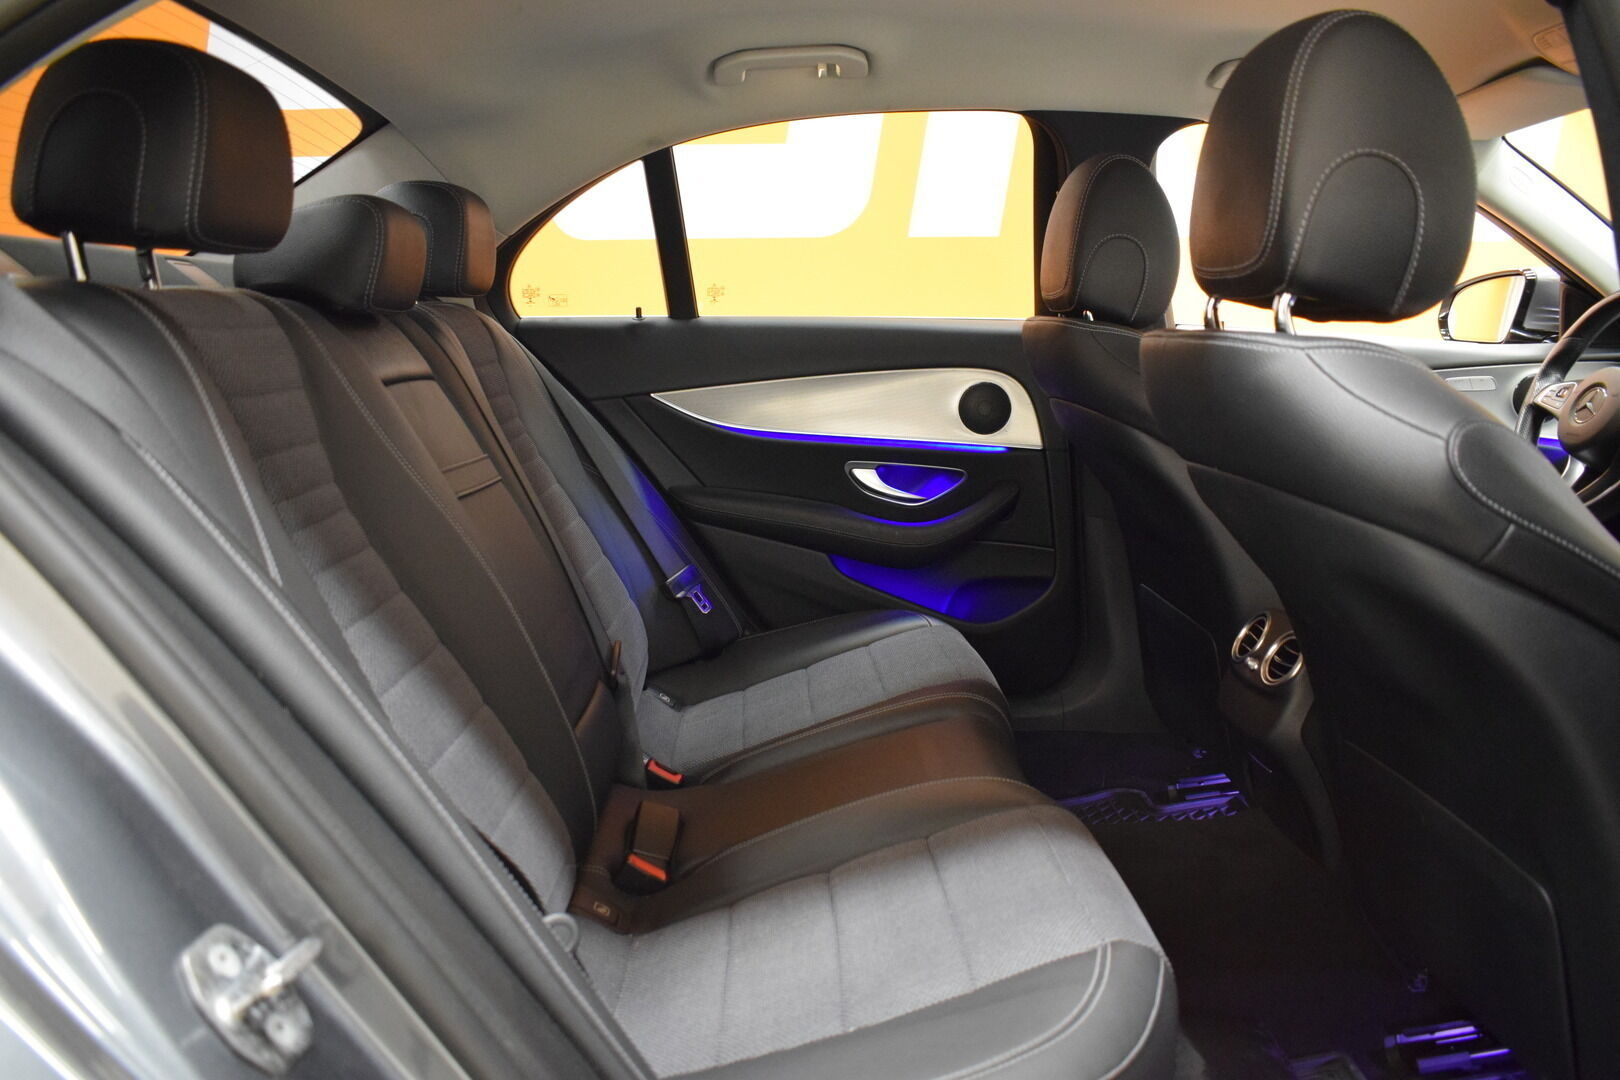 Harmaa Sedan, Mercedes-Benz E – KON-8903, kuva 9